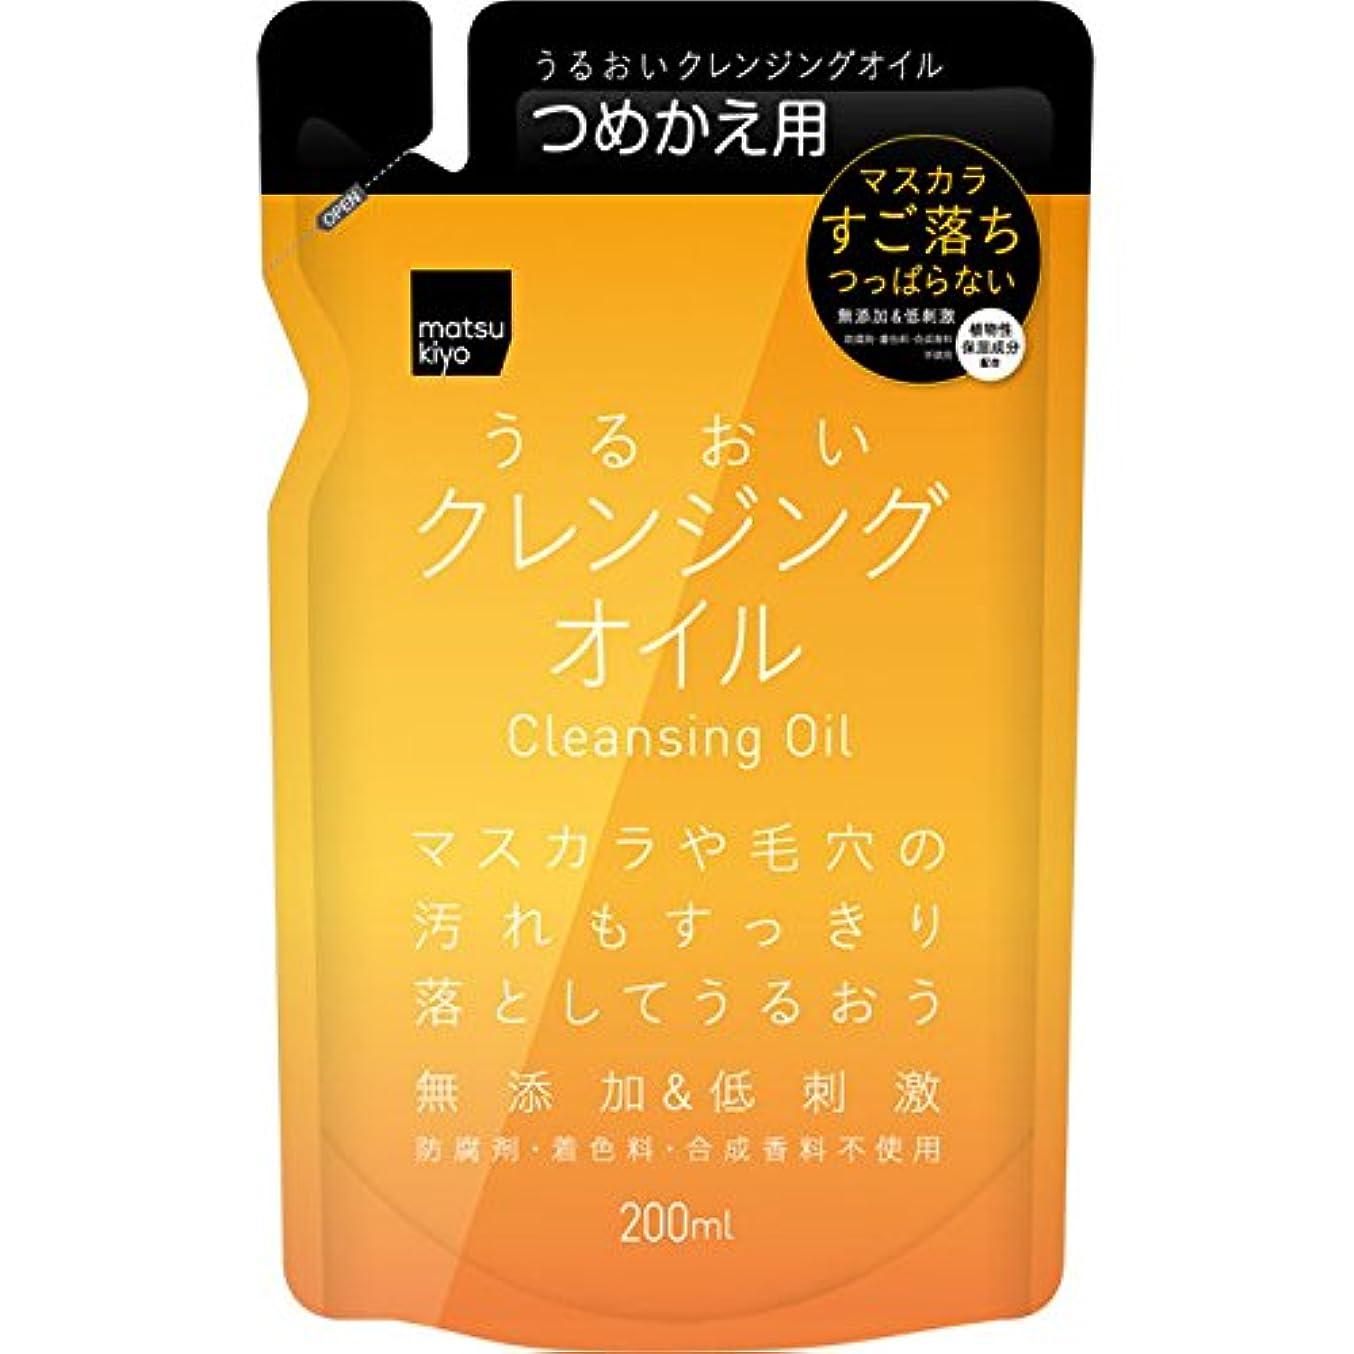 アテンダント事業はちみつmatsukiyo うるおいクレンジングオイル 詰替 200ml詰替